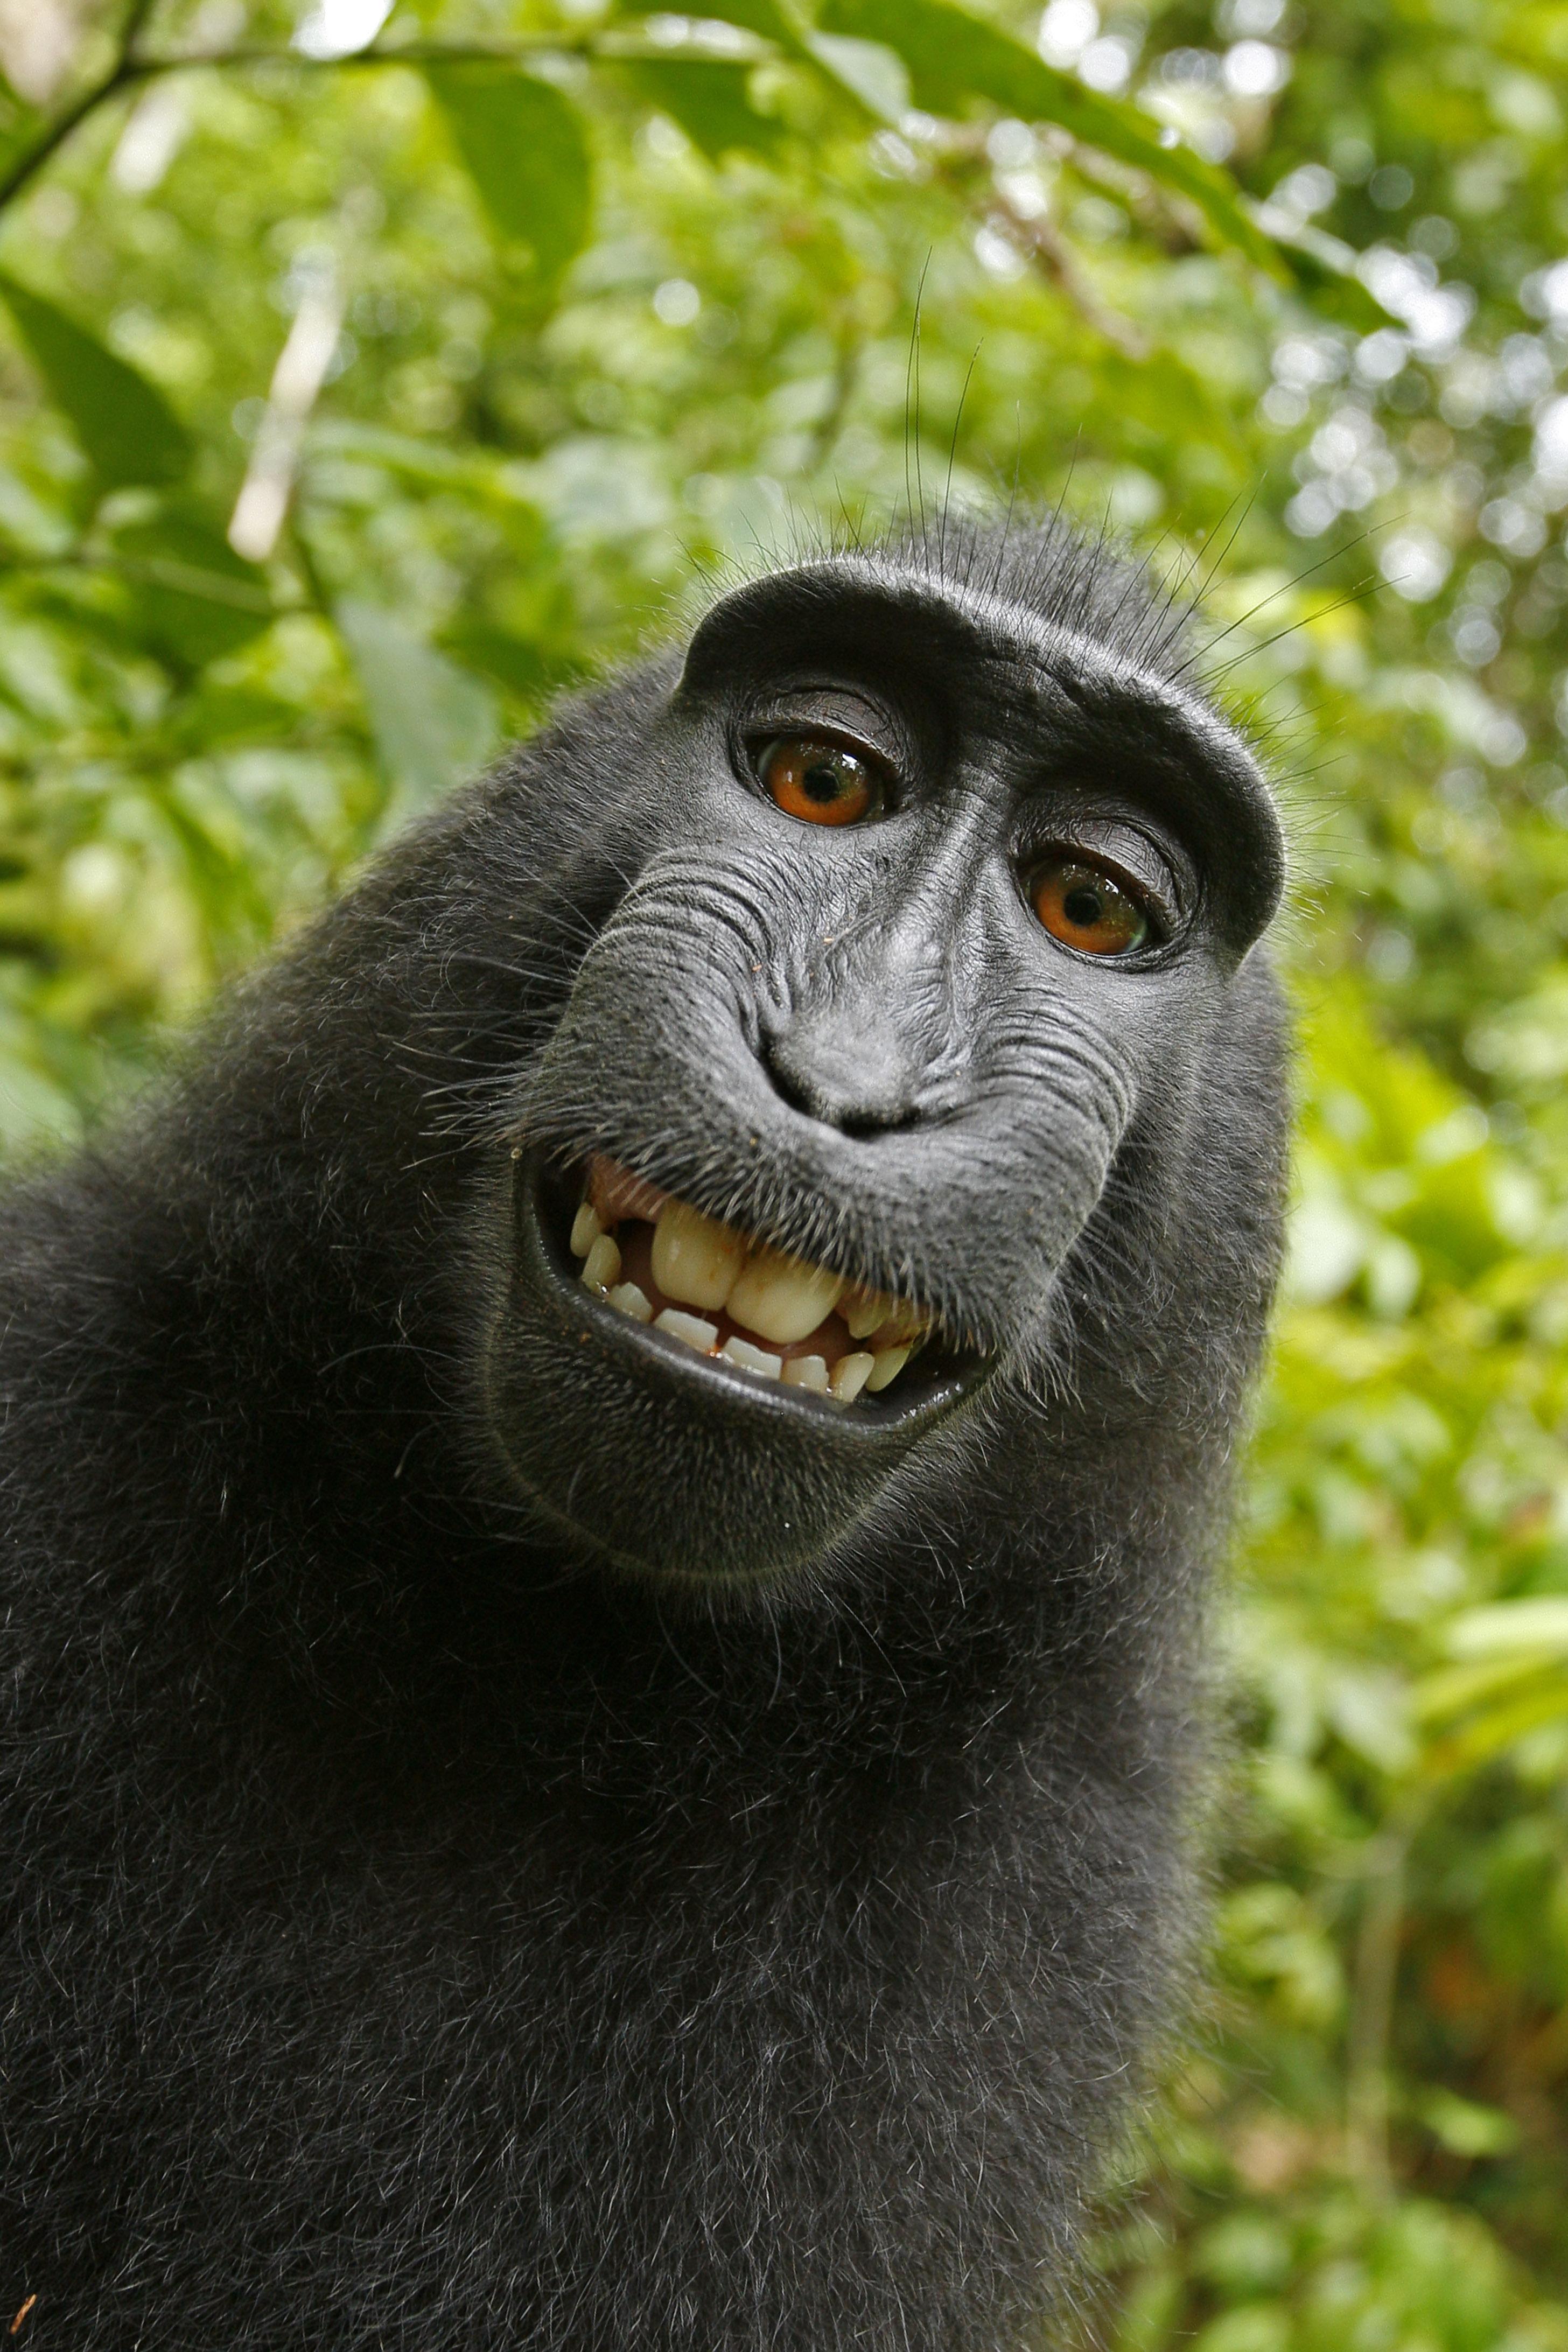 Monkey 'selfie' copyright issue settled